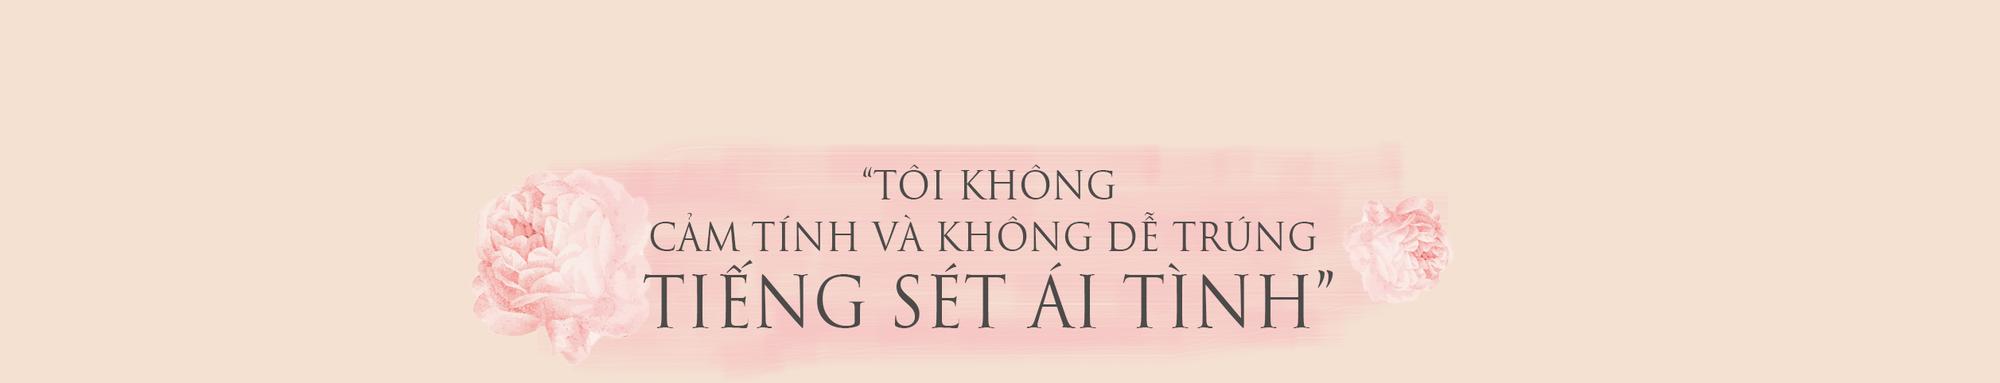 Ninh Dương Lan Ngọc: Tôi không cảm tính và dễ trúng tiếng sét ái tình - Ảnh 6.